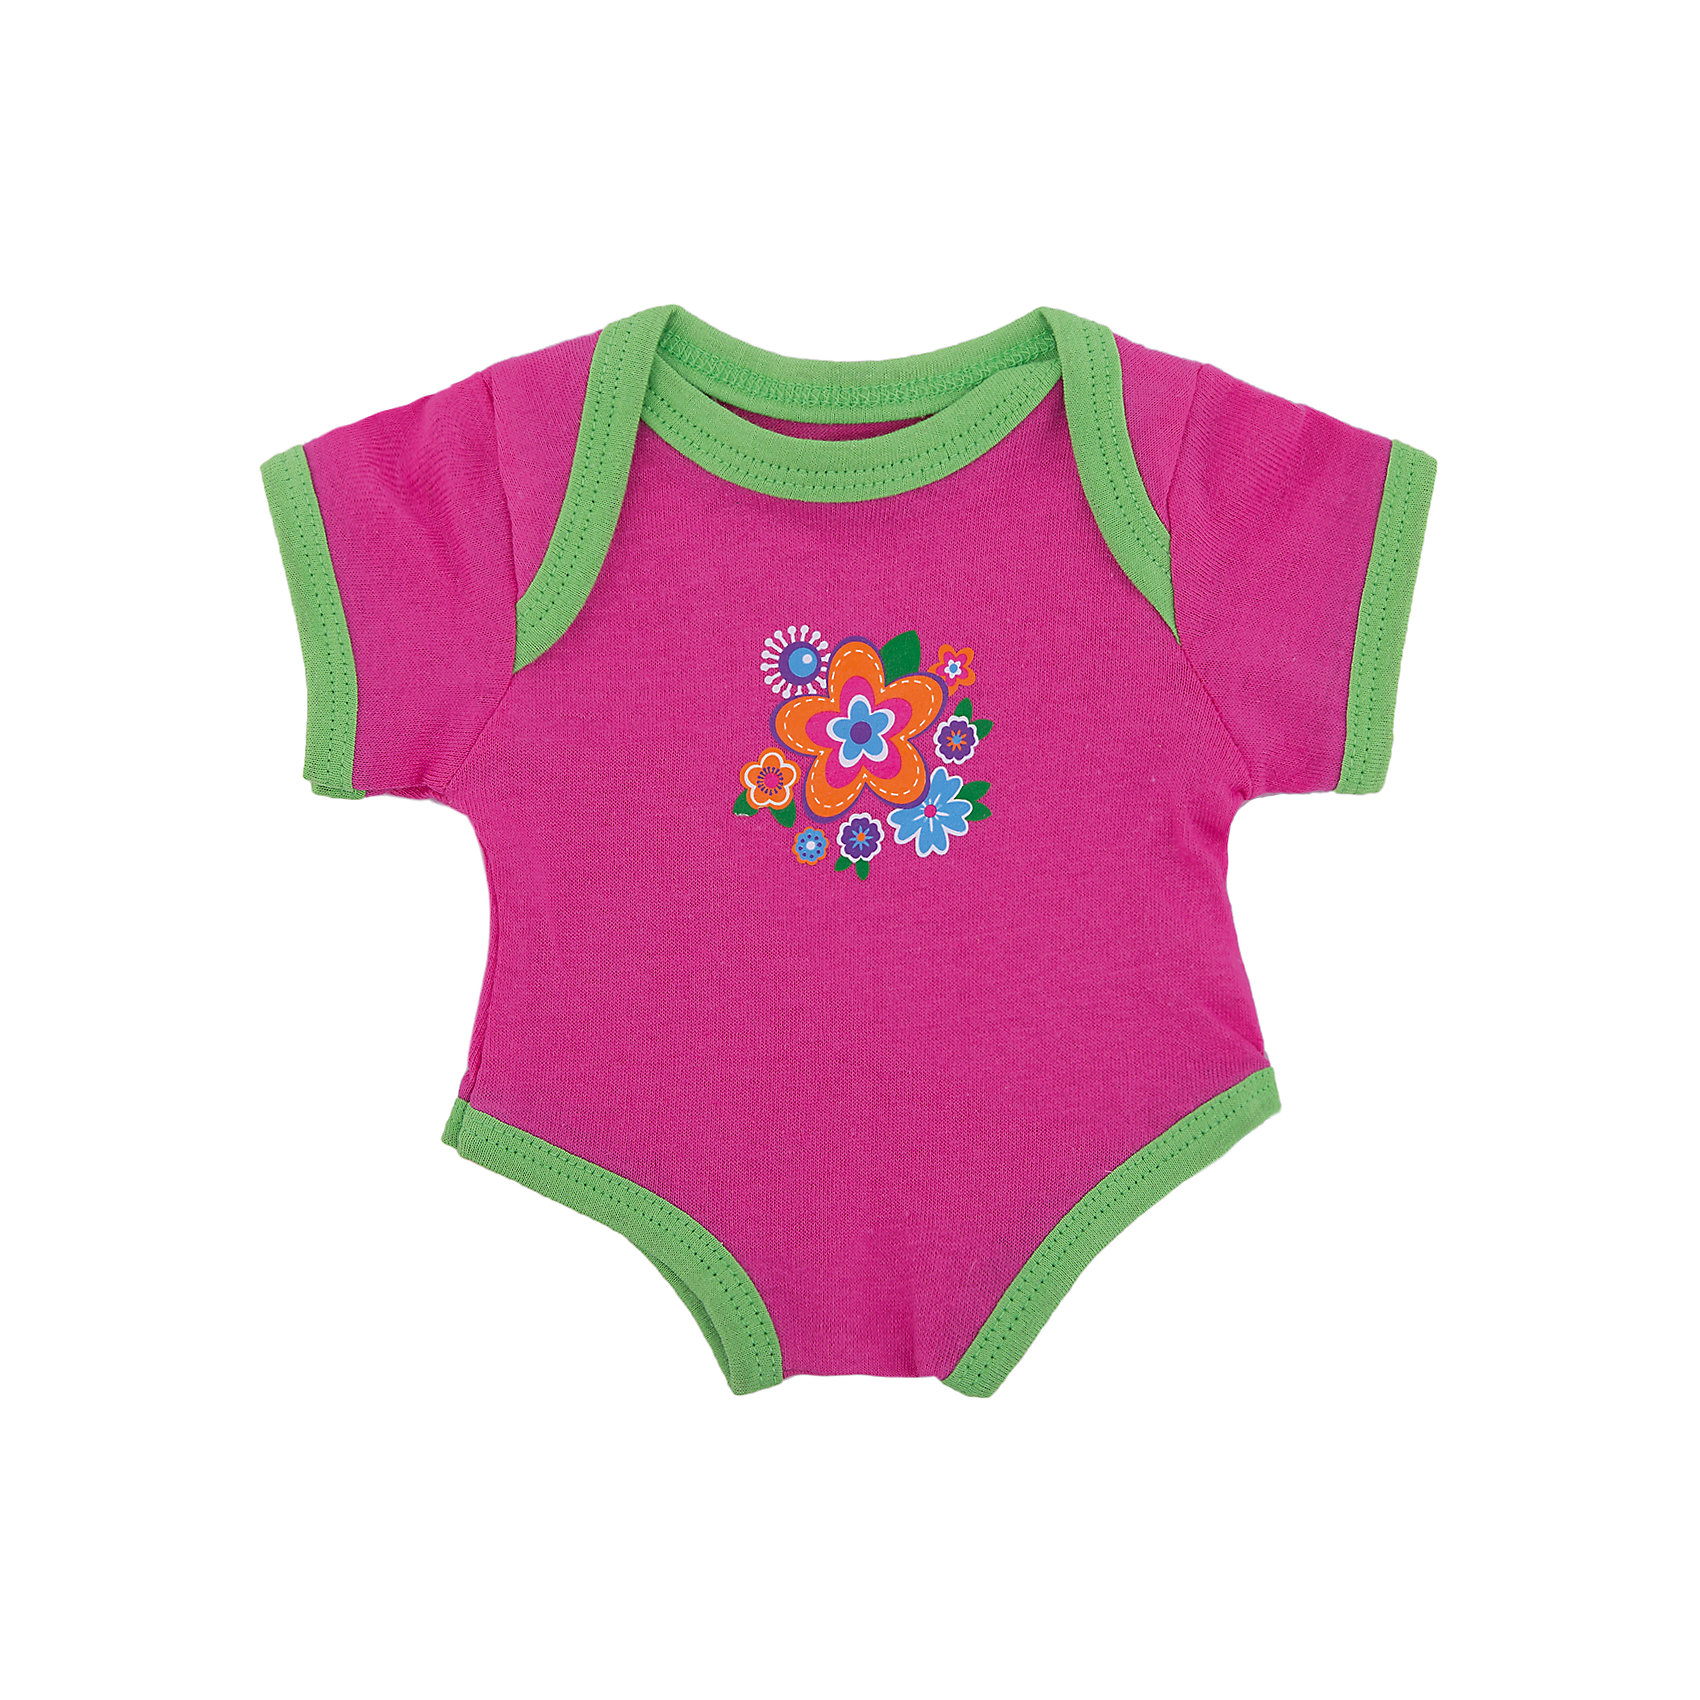 Одежда для куклы 38-43 см, боди Цветочек, Mary PoppinsКукольная одежда и аксессуары<br>Одежда для куклы 38-43 см, боди Цветочек, Mary Poppins.<br><br>Характеристики:<br><br>• Комплектация: боди, вешалка<br>• Высота куклы: 38-43 см.<br>• Материал: текстиль<br>• Основной цвет: розовый<br>• Упаковка: пакет<br>• Уход: стирка в стиральной машине при температуре 30 ?С<br><br>Куклы тоже любят менять наряды! И для них создается стильная и модная одежда, похожая на одежду для настоящих малышей. Это боди розового цвета с контрастной окантовкой, украшенное изображением цветов, из эксклюзивной коллекции Цветочек ТМ Mary Poppins, пополнит гардероб куклы высотой 38-43 см. Боди для куклы изготовлено из приятной на ощупь ткани, его легко снимать и одевать.<br><br>Одежду для куклы 38-43 см, боди Цветочек, Mary Poppins можно купить в нашем интернет-магазине.<br><br>Ширина мм: 220<br>Глубина мм: 330<br>Высота мм: 10<br>Вес г: 36<br>Возраст от месяцев: 24<br>Возраст до месяцев: 2147483647<br>Пол: Женский<br>Возраст: Детский<br>SKU: 5402764